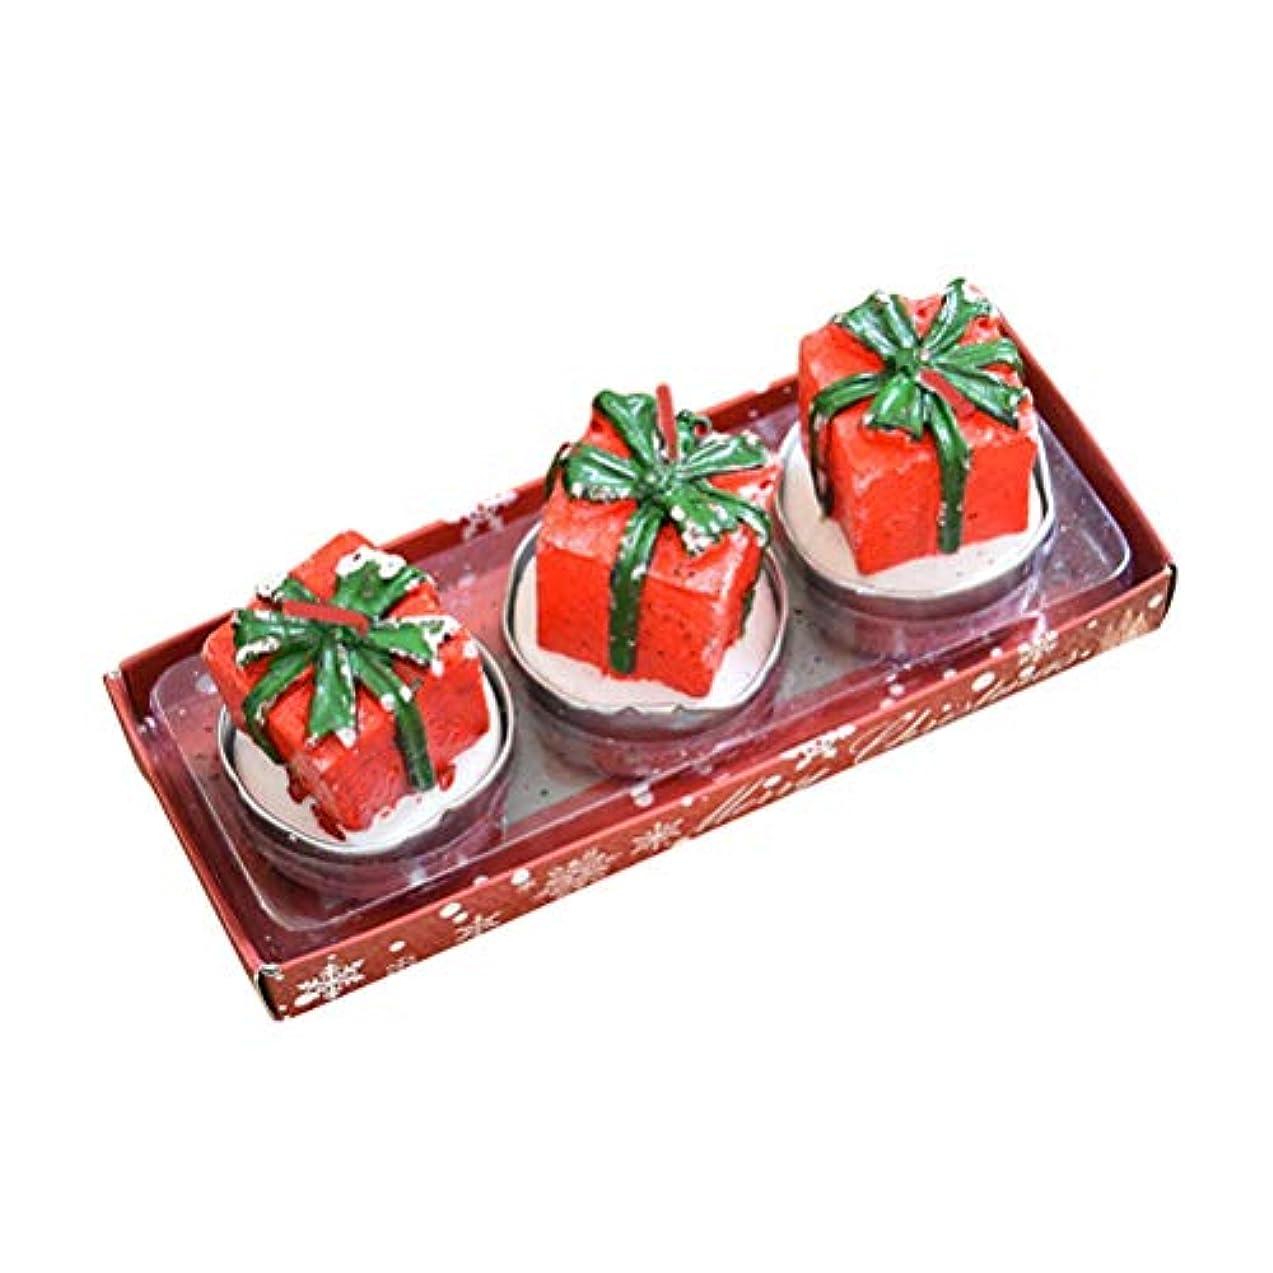 概要用量池BESTOYARD 3本のクリスマスキャンドルミニキュートな装飾的なギフトボックス形状のキャンドルスパのホームクリスマスパーティーウィンドウの表示テーブルの装飾の贈り物